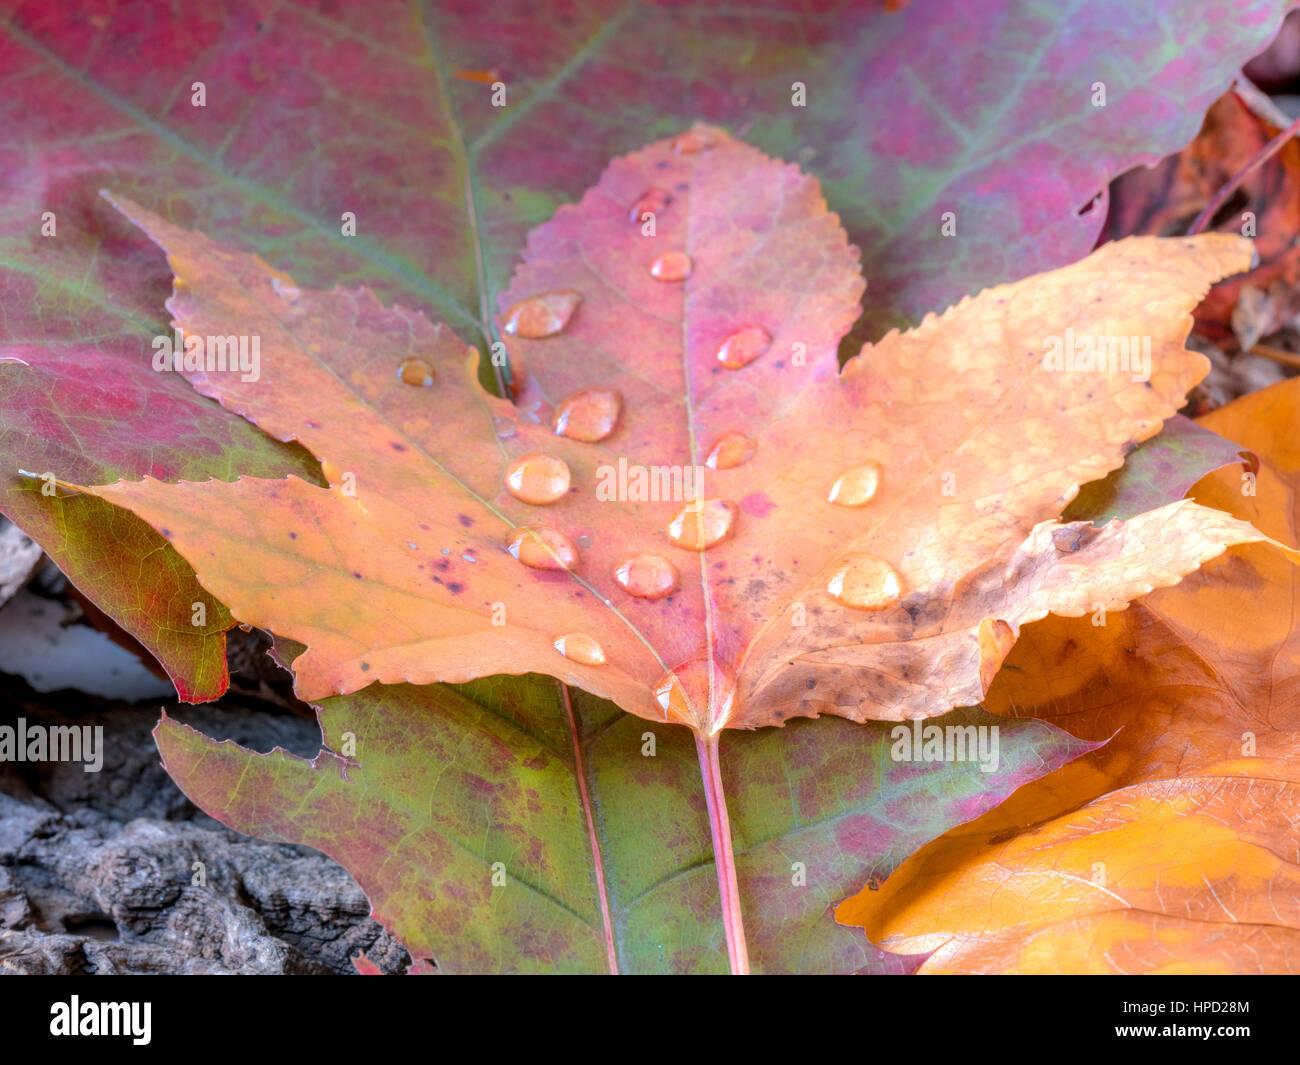 https www alamyimages fr photo image feuille d erable de l automne avec de petites gouttes d eau a meme le sol forestier 134282196 html